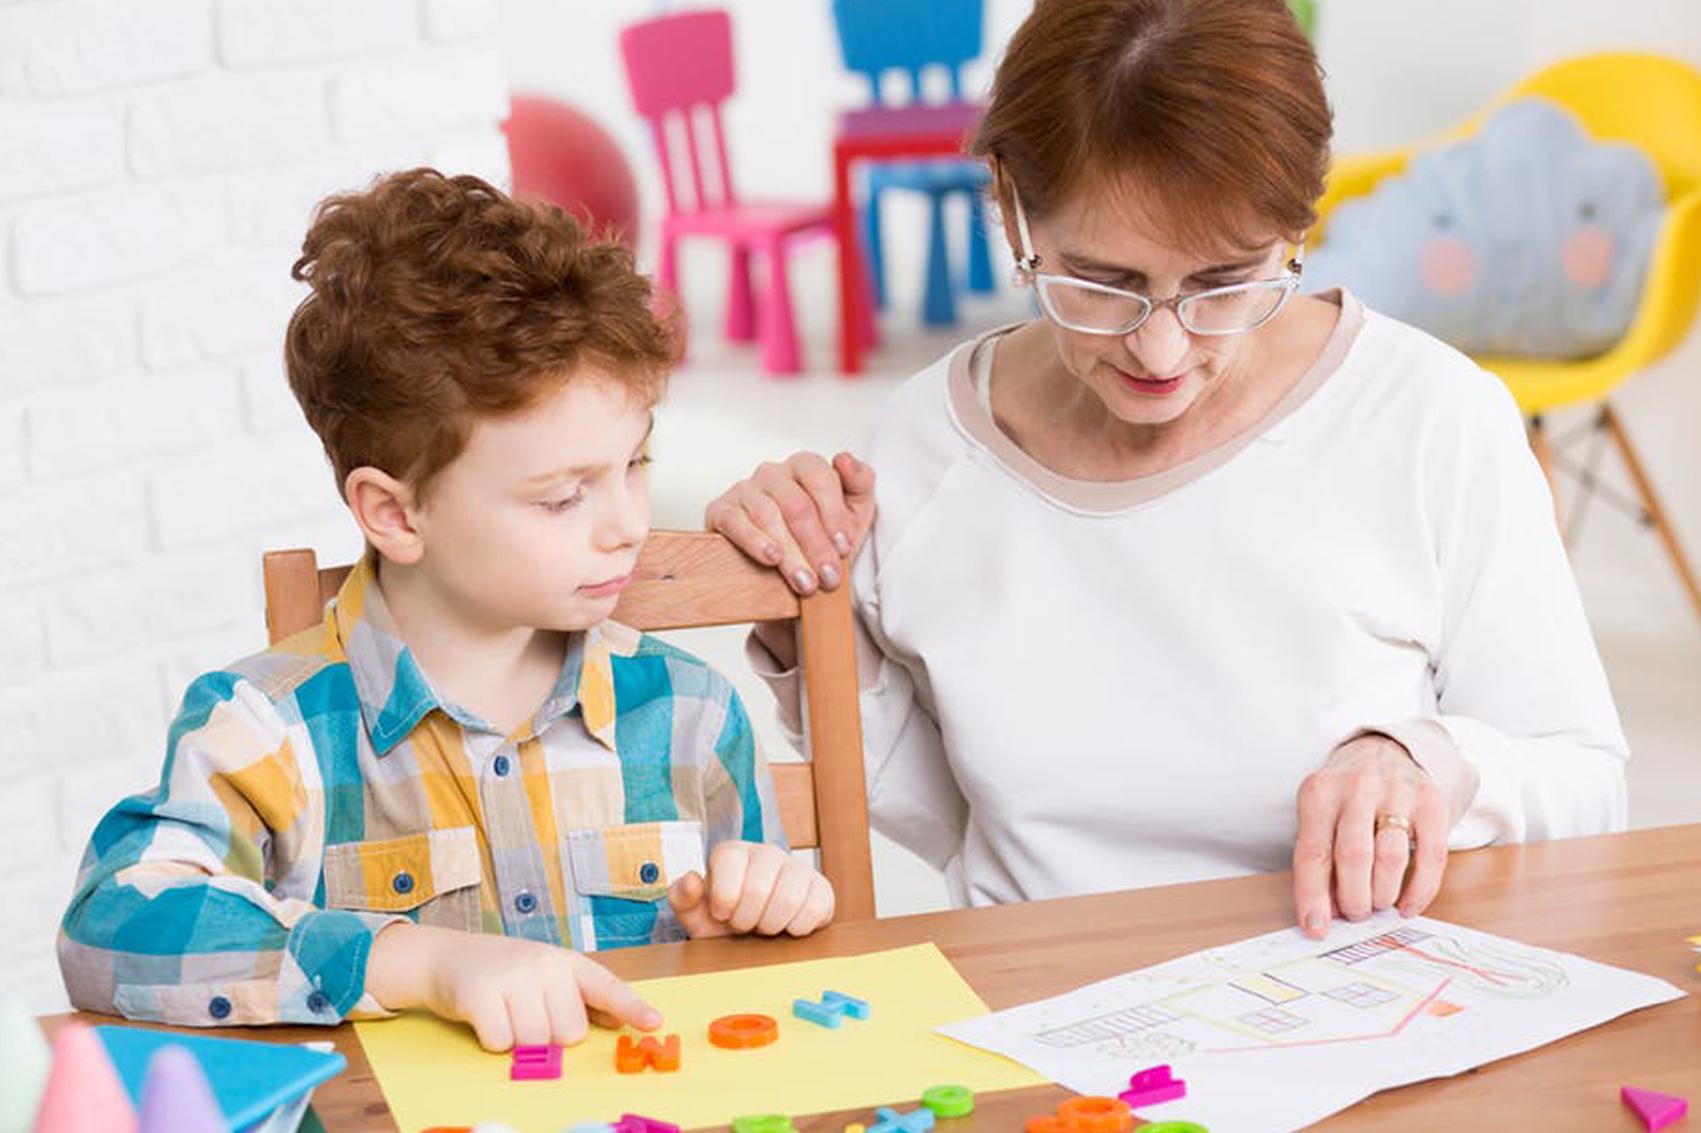 أهمية تنظيم البيئة الصفية للأطفال ذوي اضطراب طيف بالتوحد